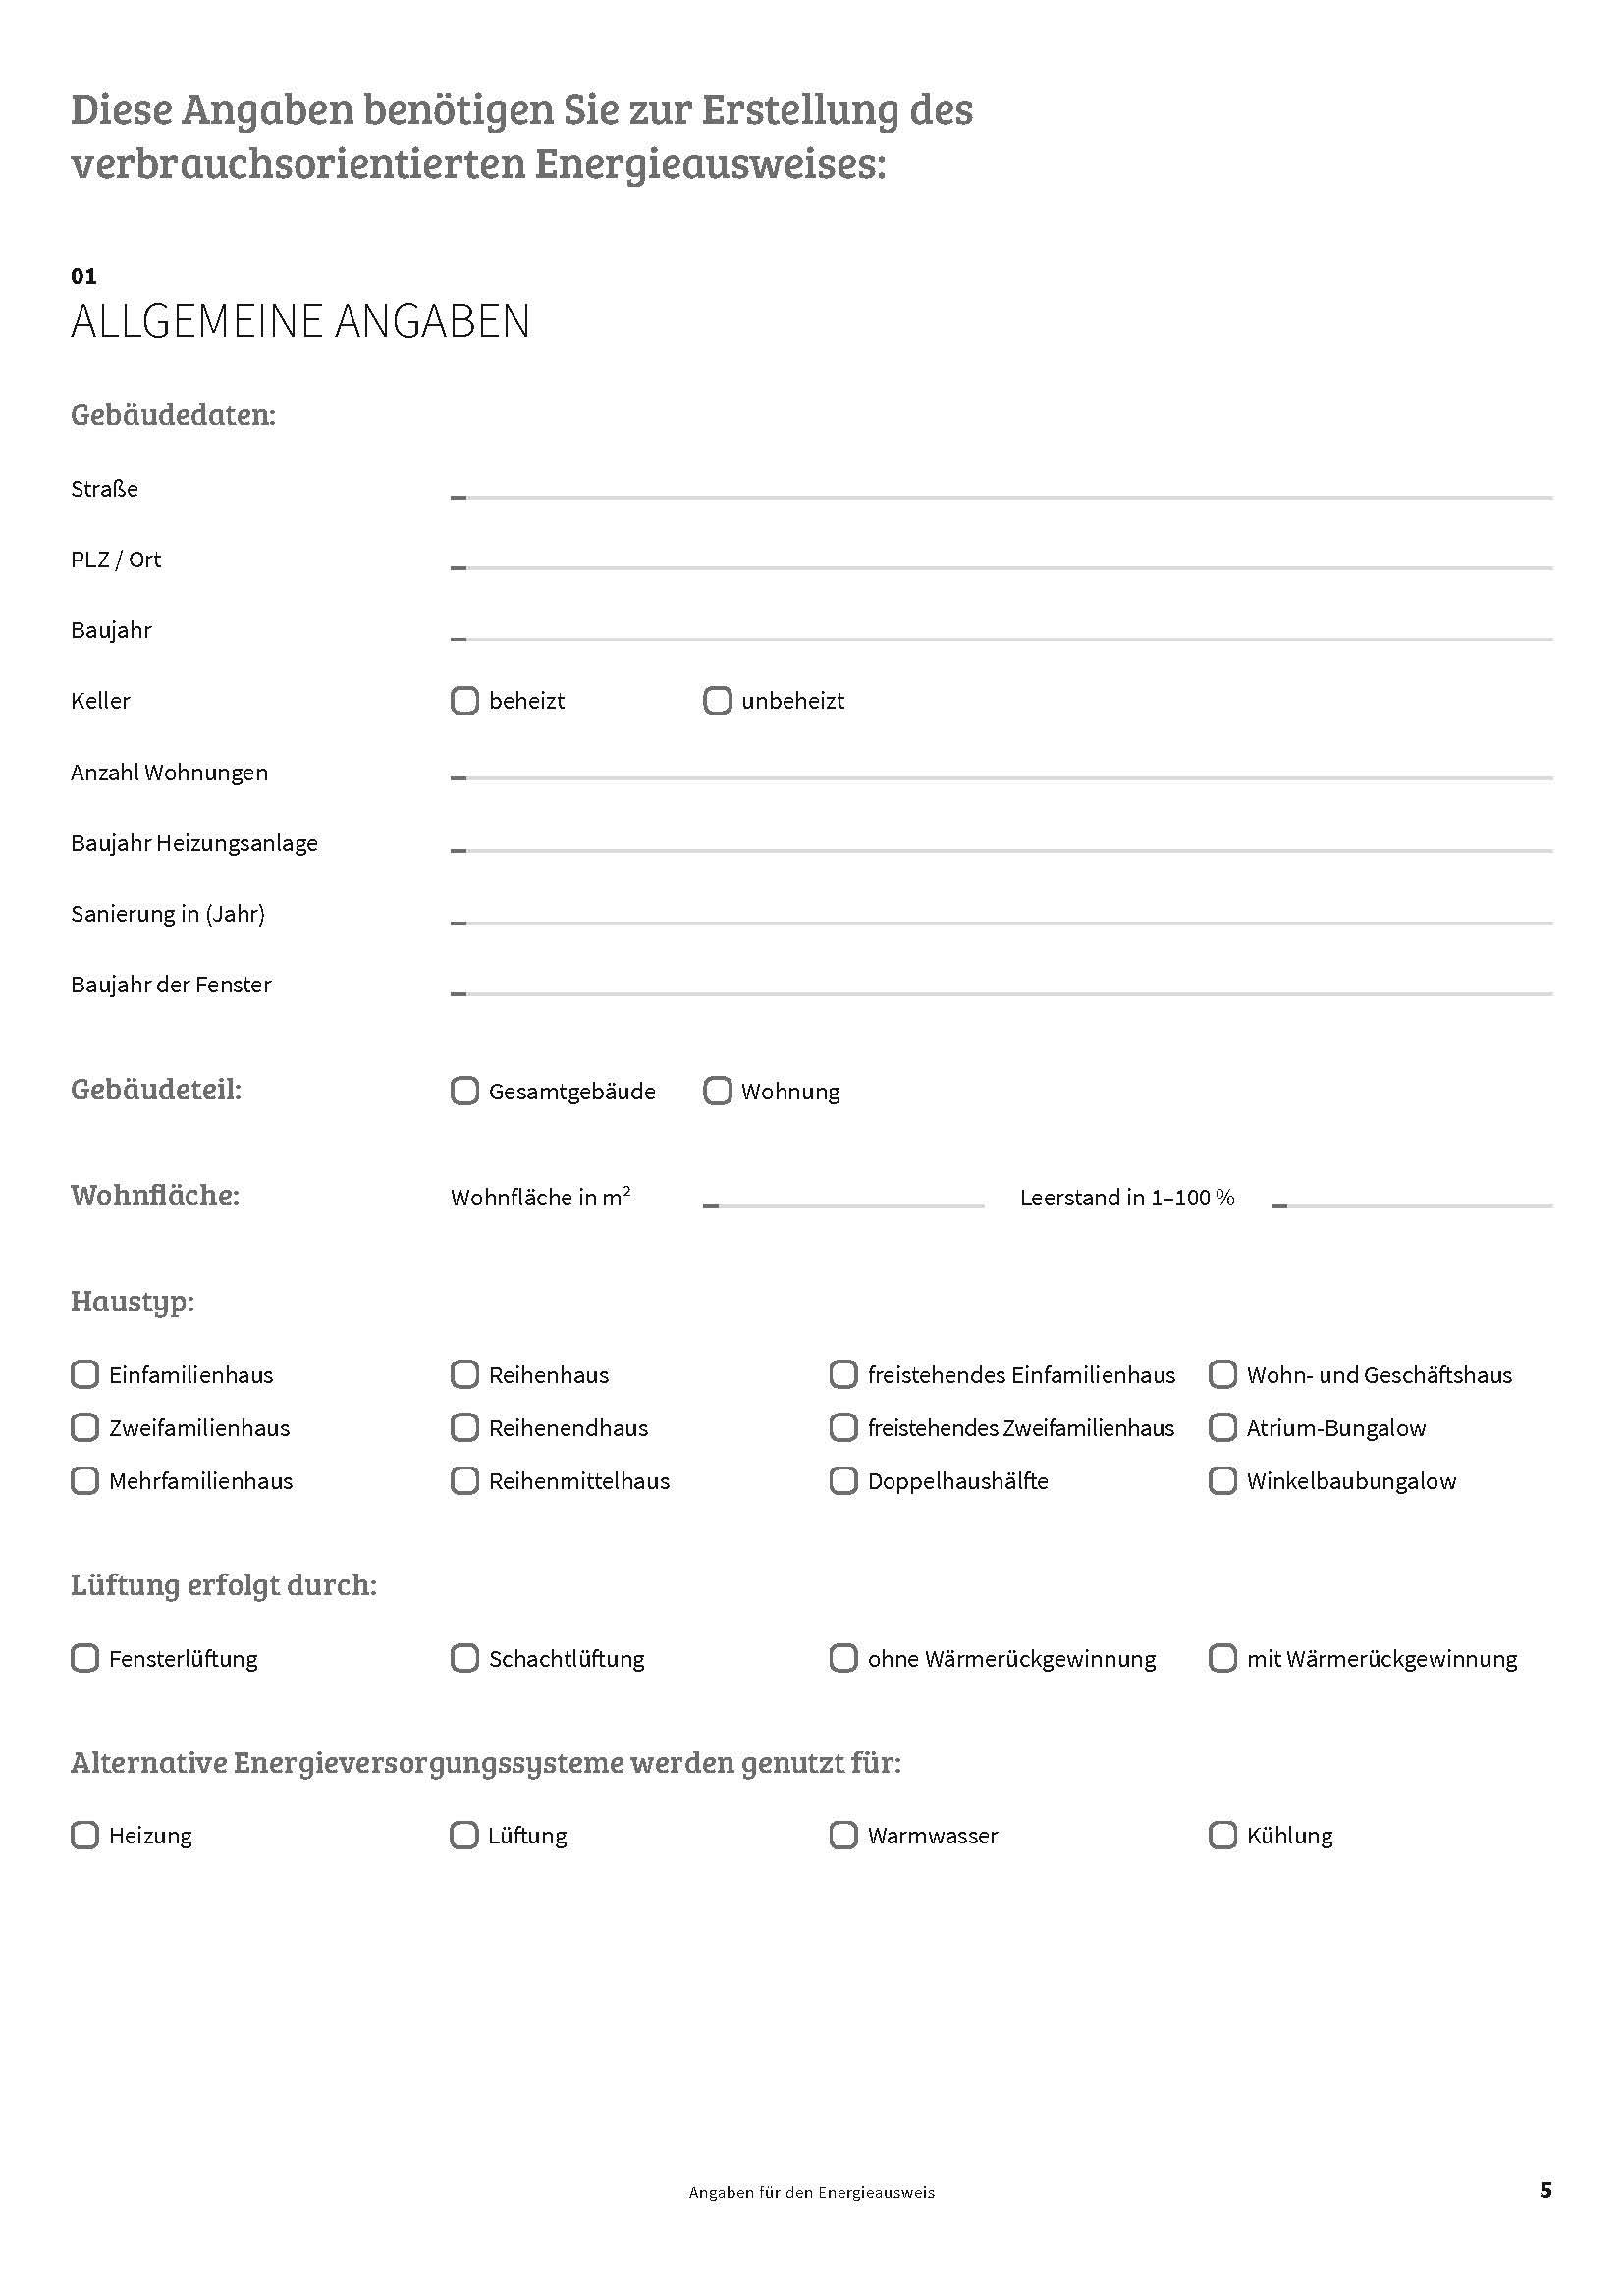 Der Energieausweis für Immobilien - Checkliste von Heckenlau Immobilien - Makler für den Verkauf von Wohnimmobilien in Stuttgart